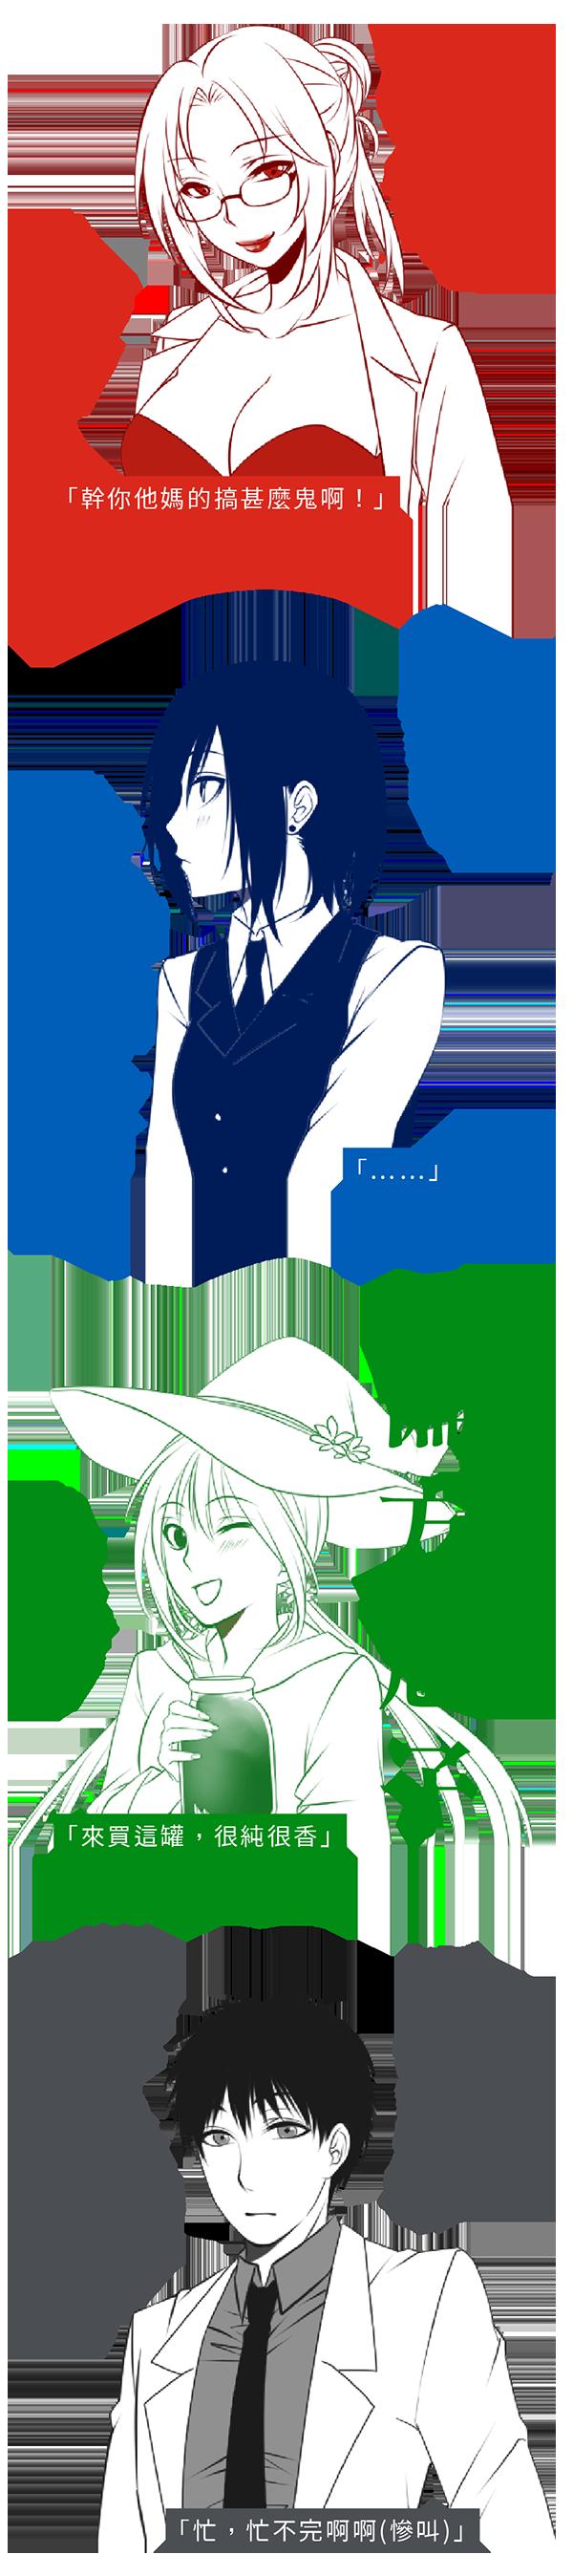 人物介紹_3.png